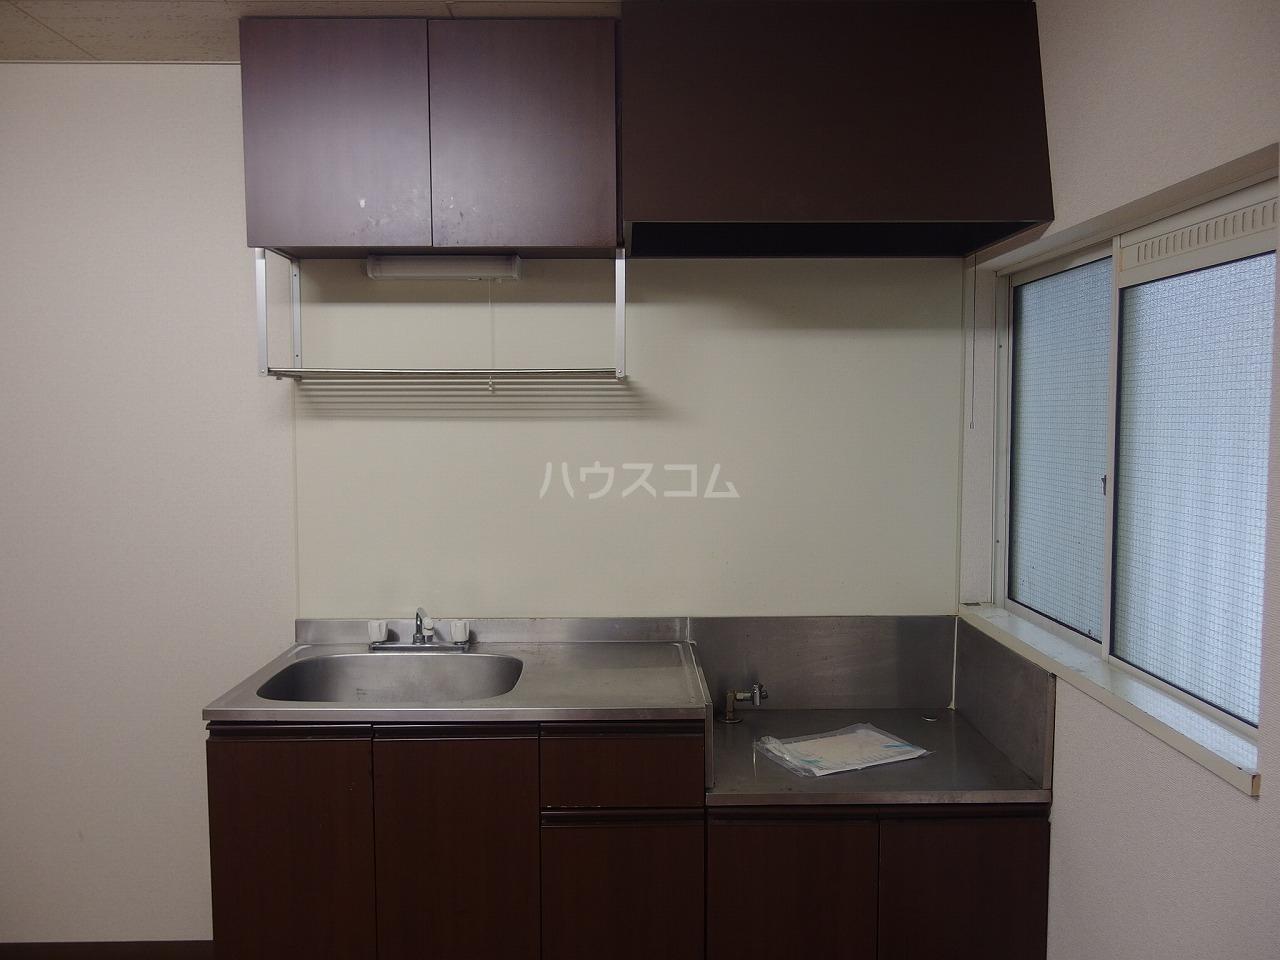 グレース桜ヶ丘 101号室のキッチン